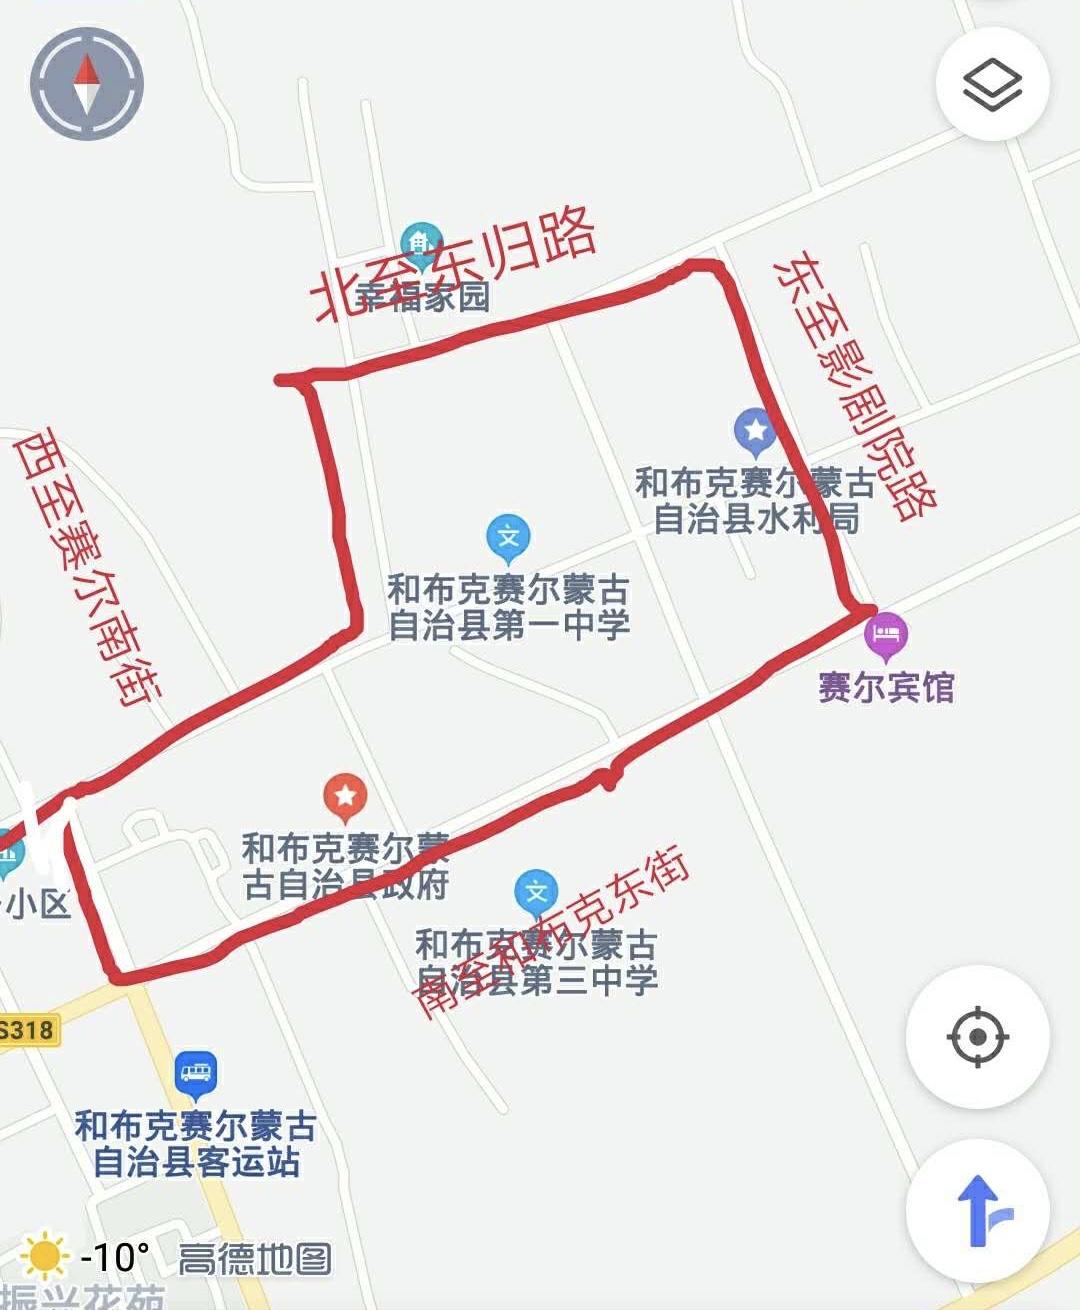 2020.01.08=塔城地区和丰县投注站布设试点区域销售特区图.jpg